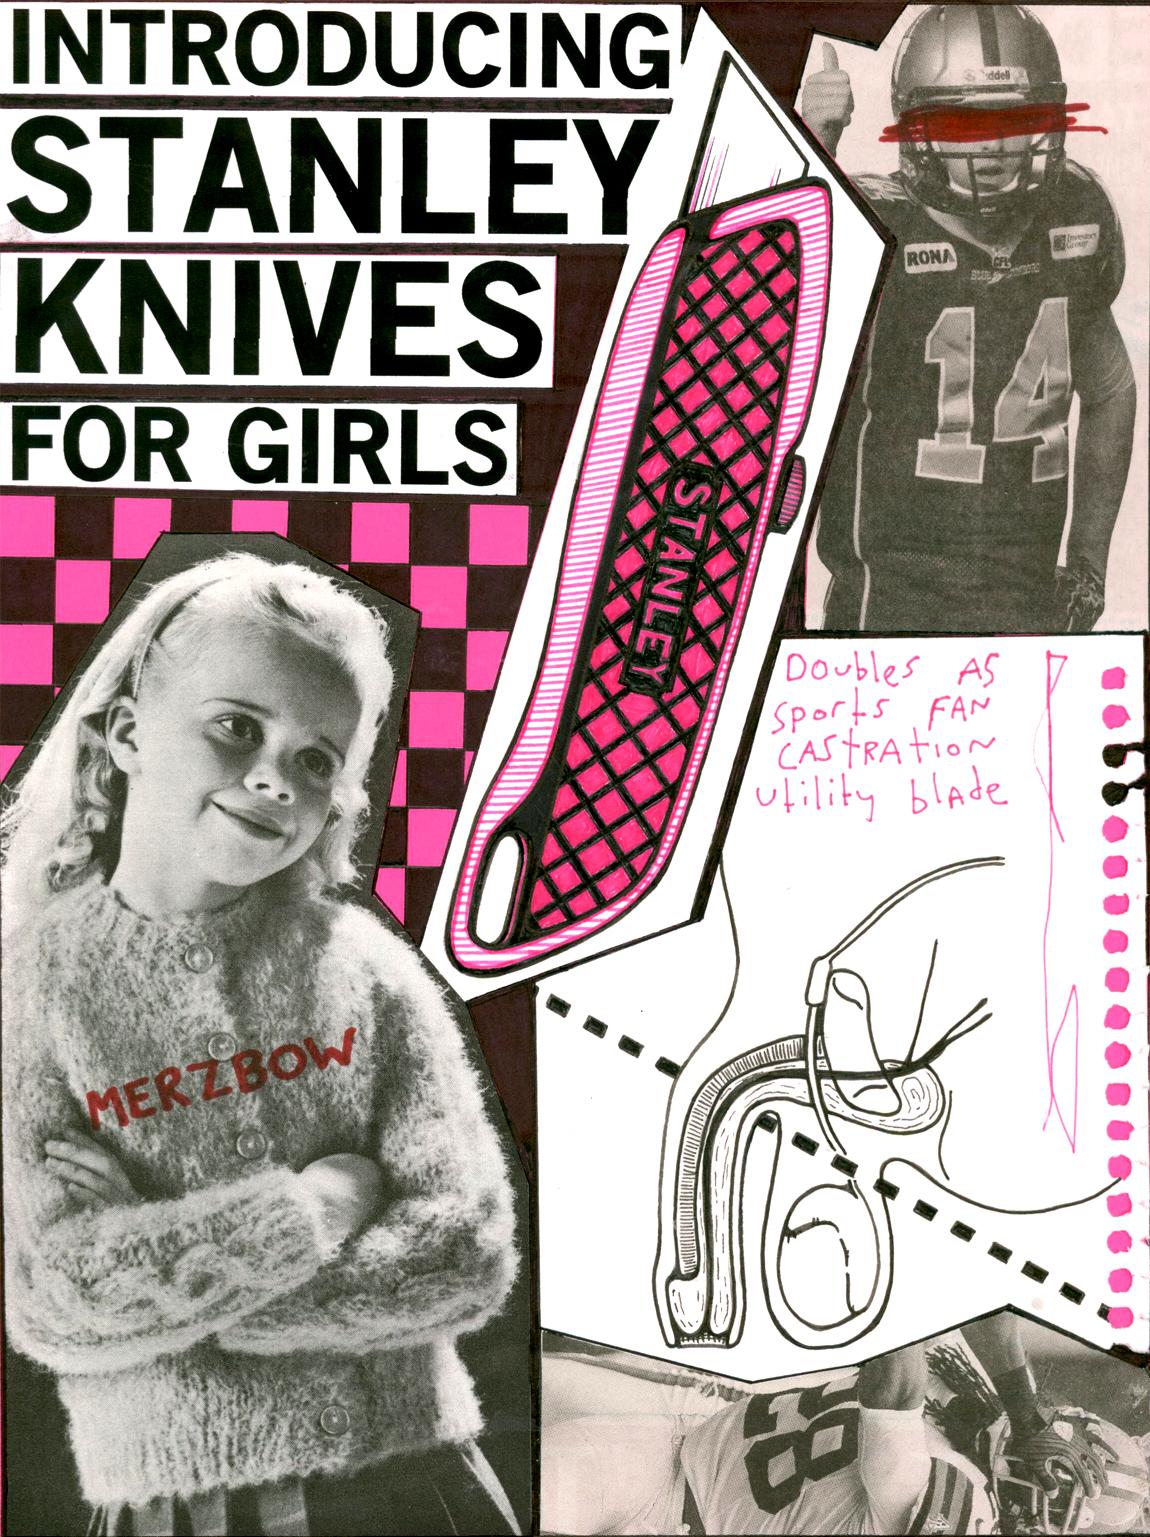 stanley knives for girls